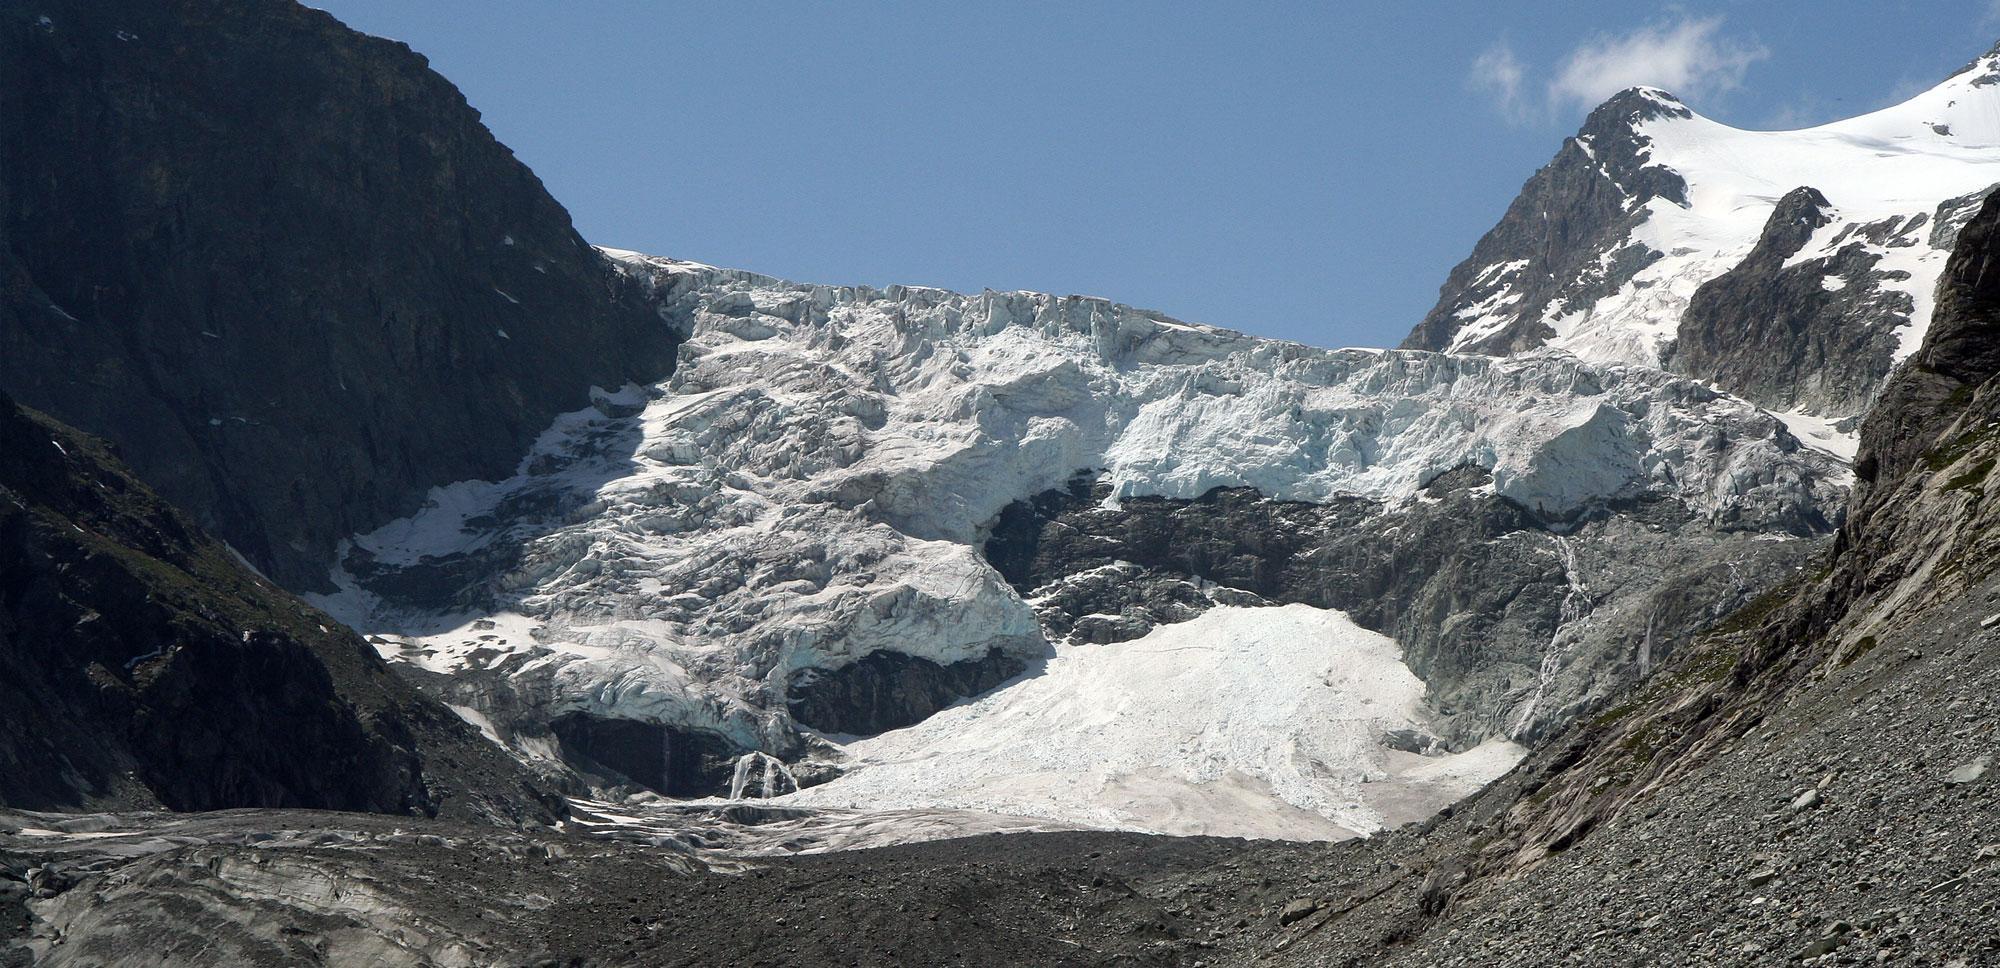 Randonnée à la découverte des glaciers